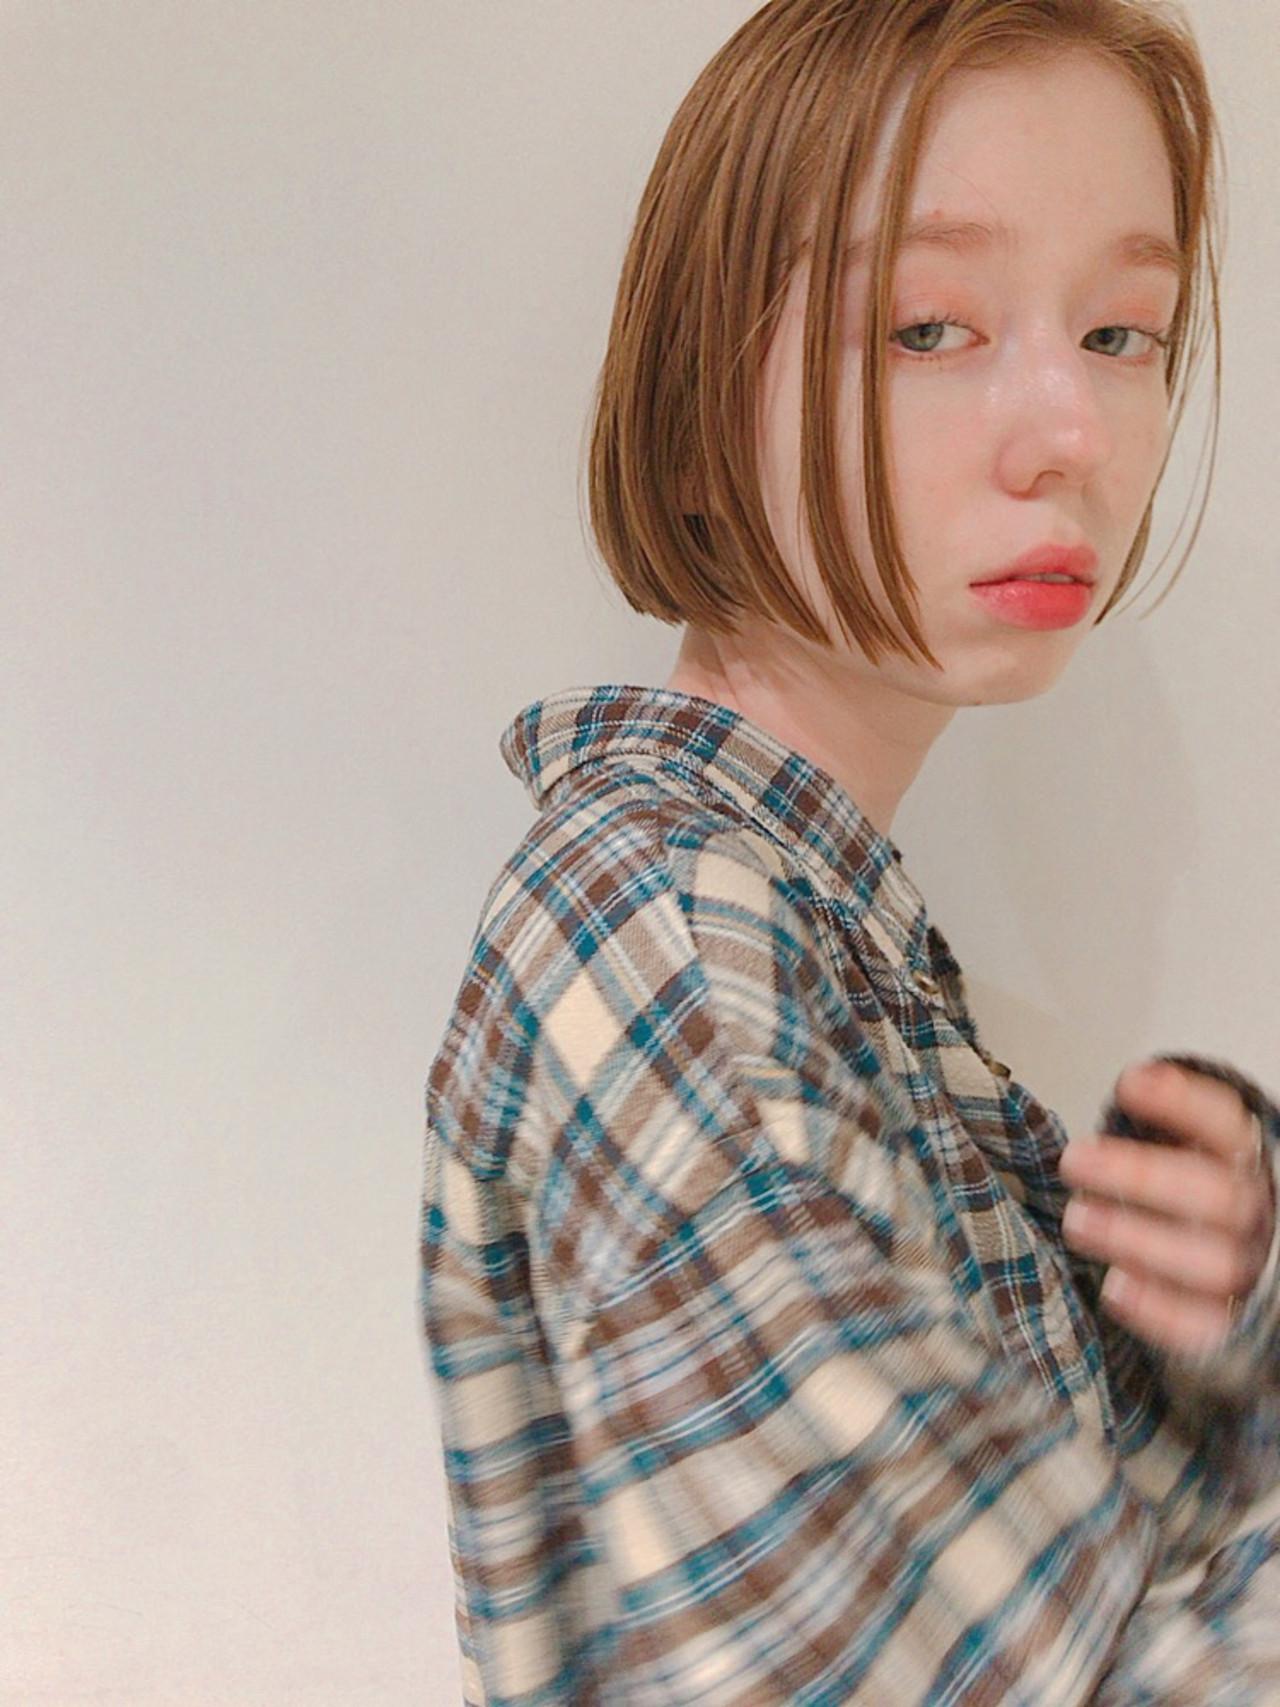 ボブ ミニボブ ミルクティーベージュ オレンジベージュ ヘアスタイルや髪型の写真・画像